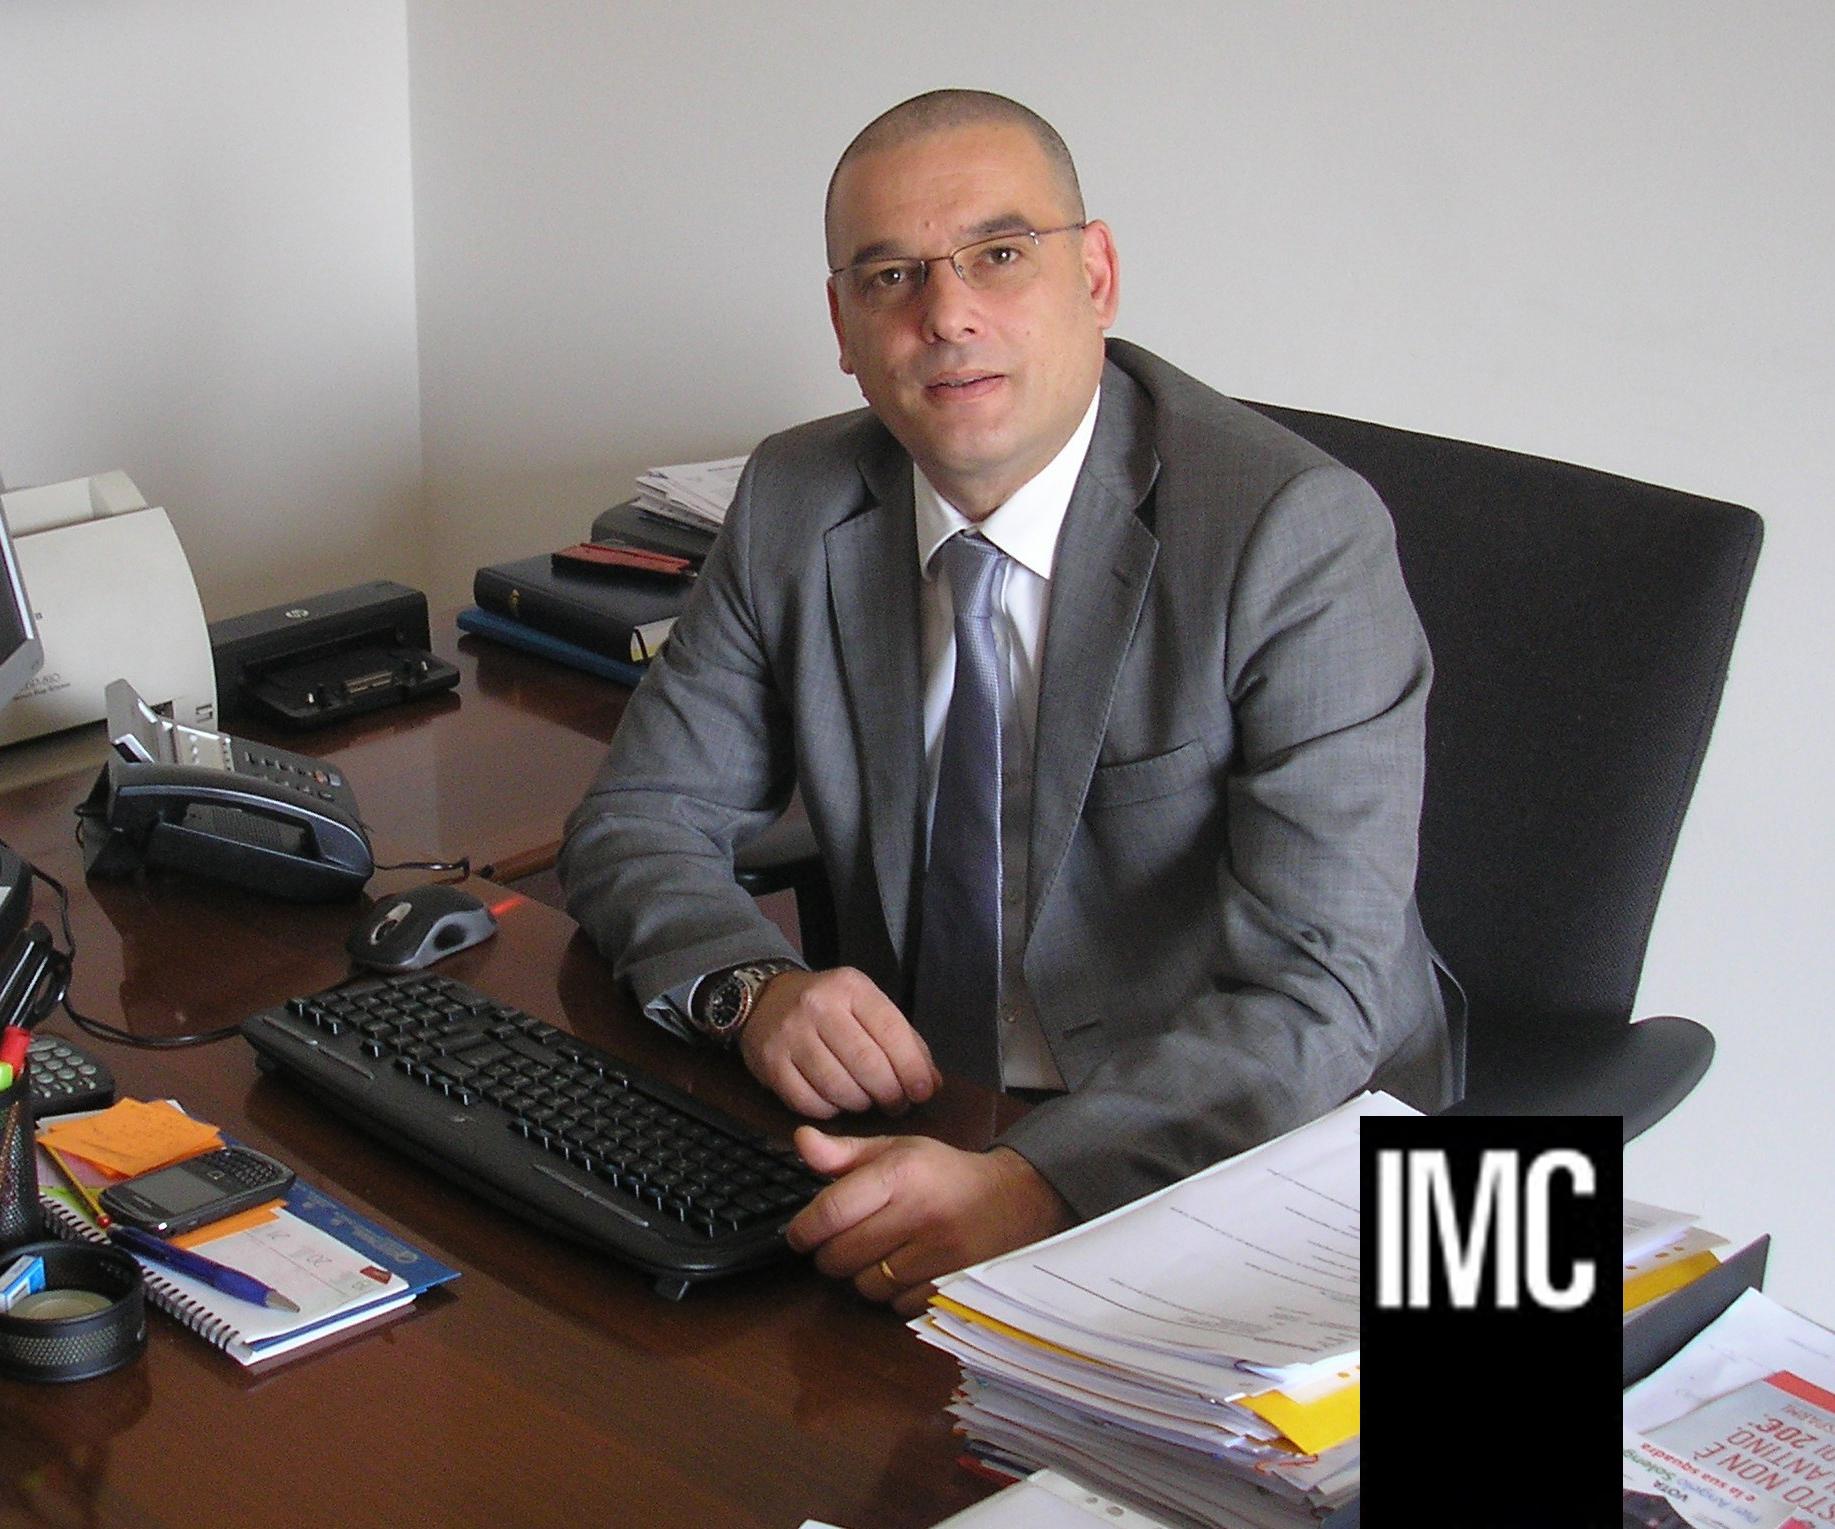 Enrico Ulivieri IMC (2) HP